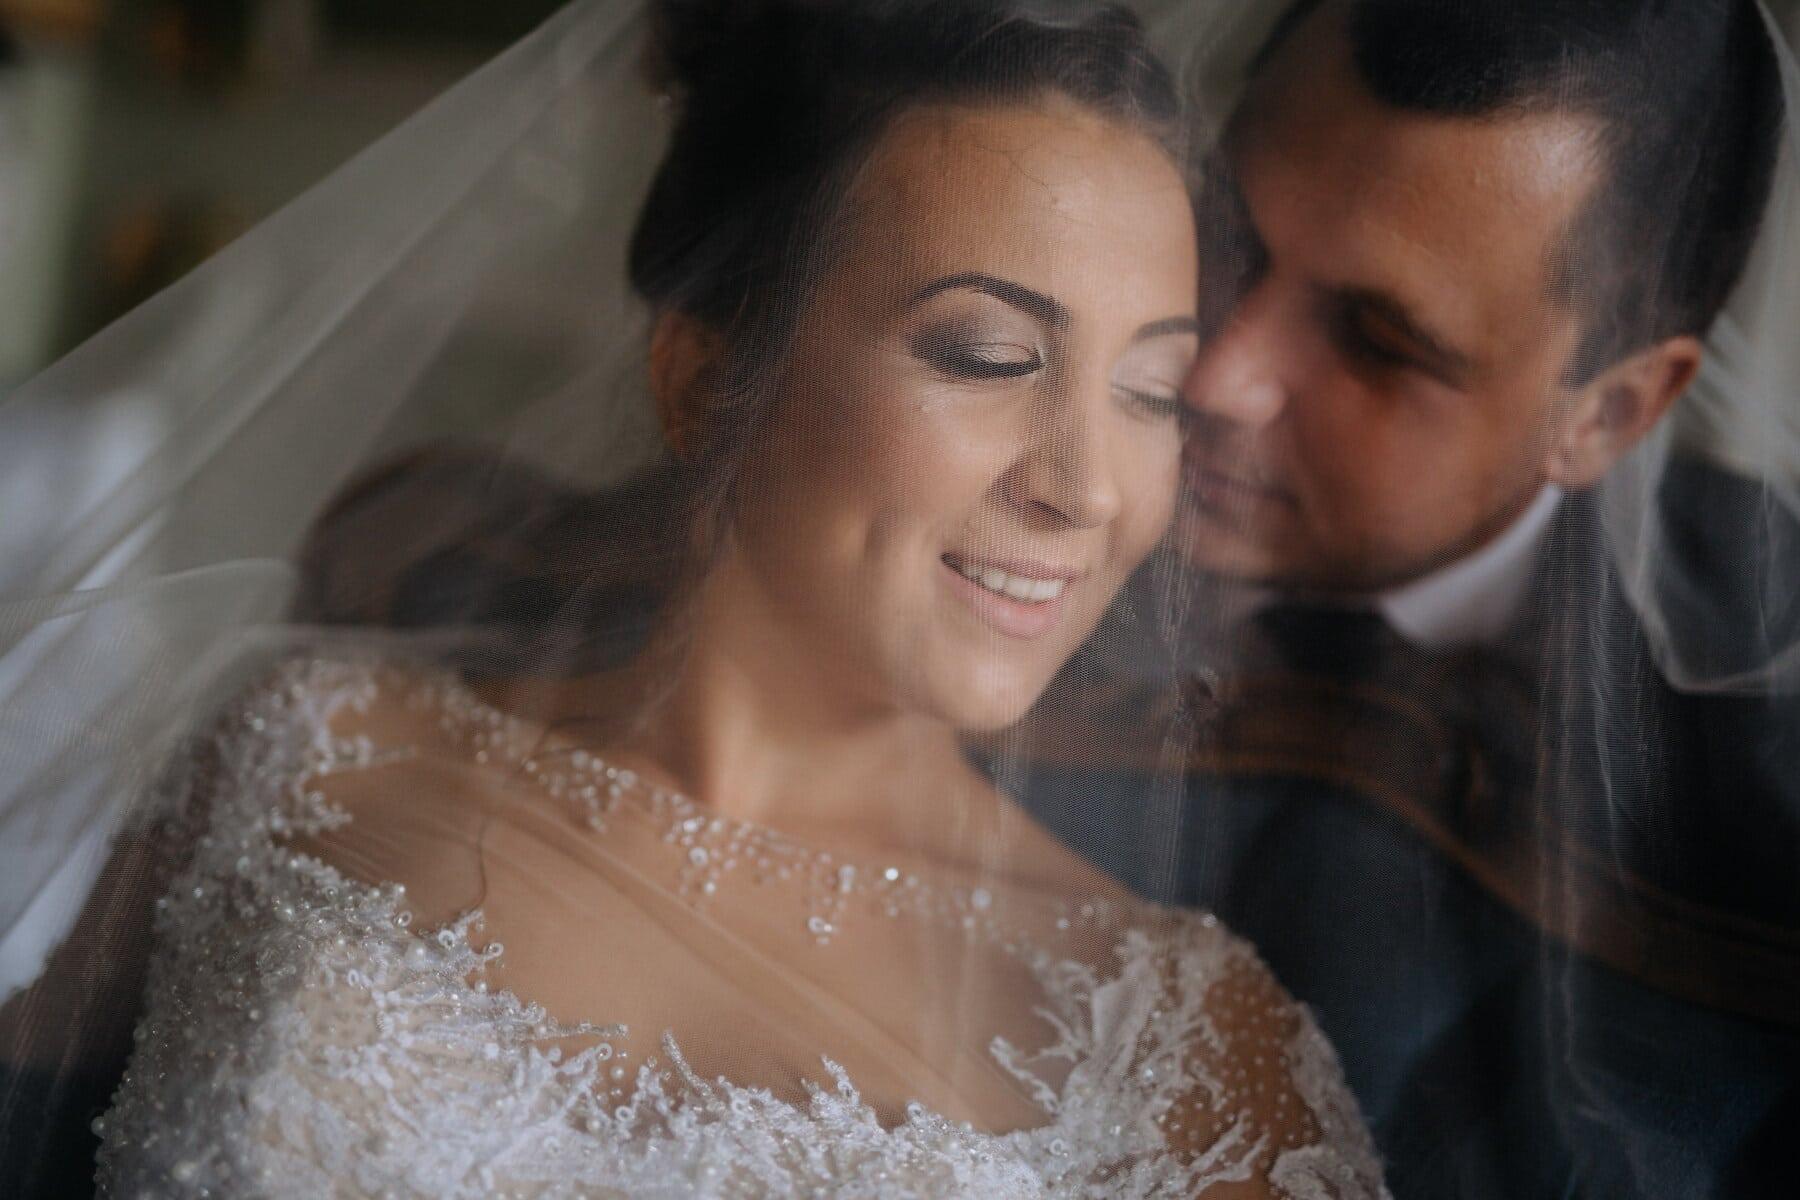 любовь, молодожены, нежность, портрет, свадебное платье, невеста, вуаль, поцелуй, женщина, жених